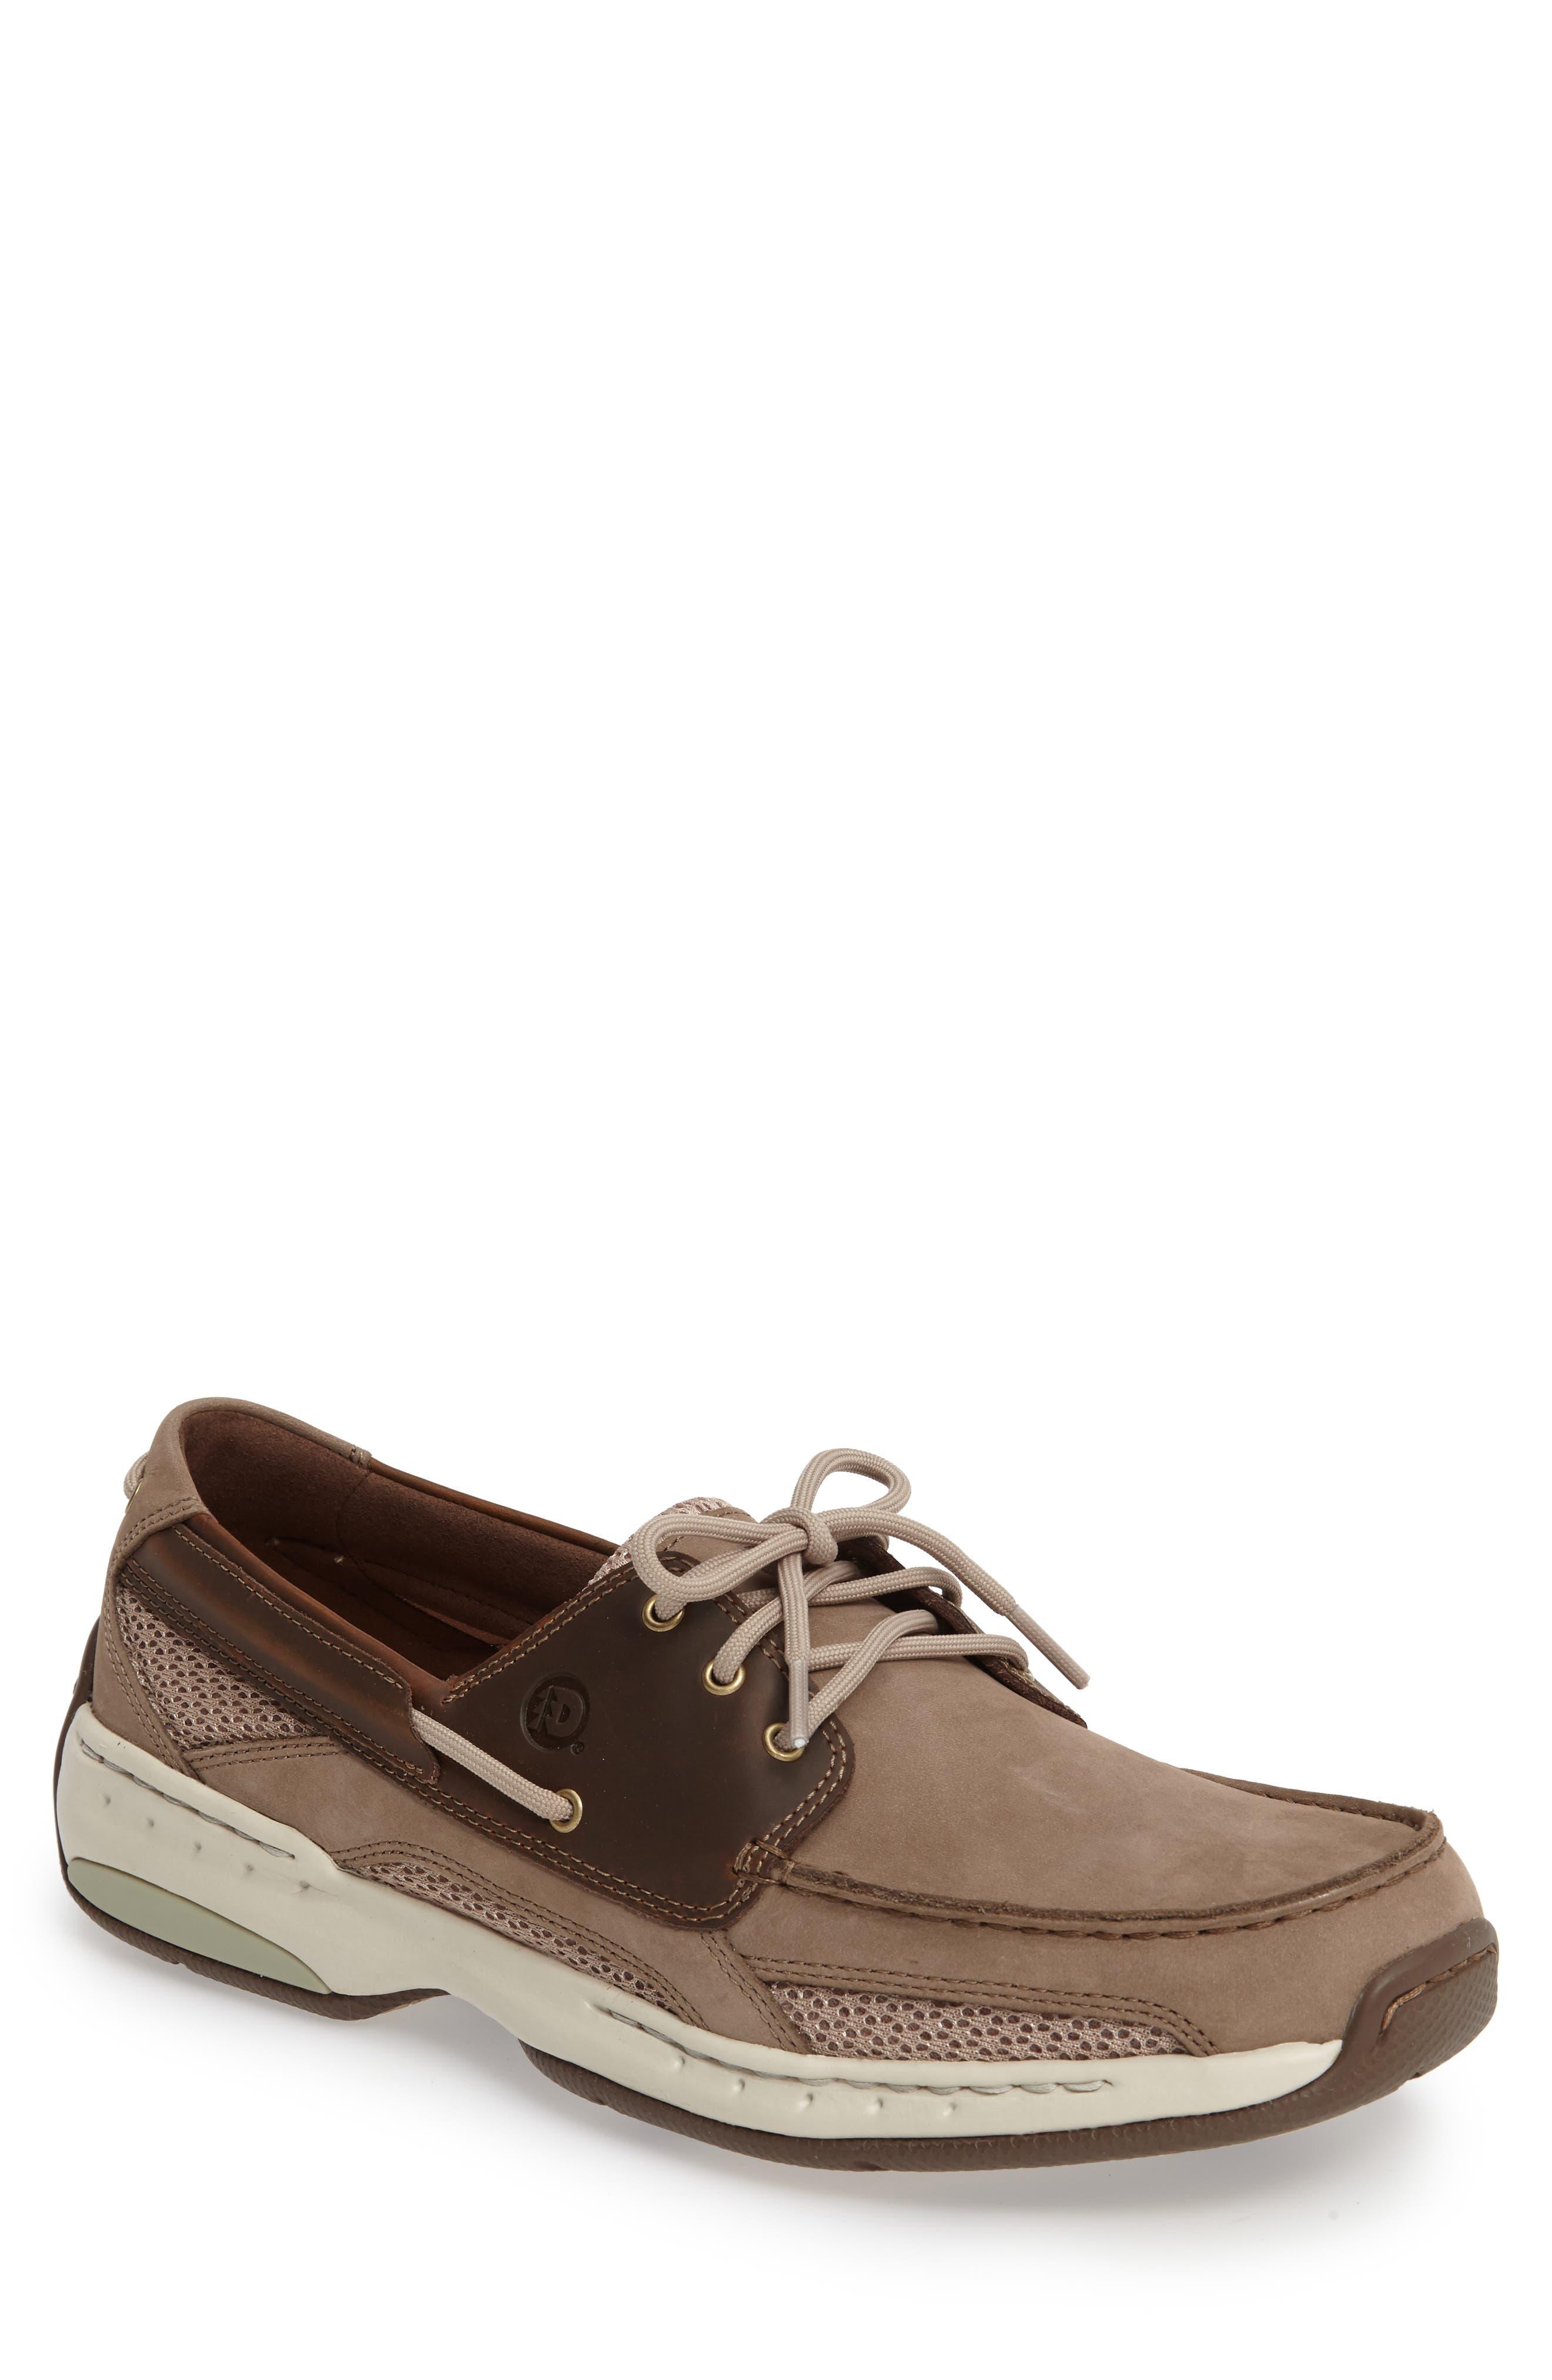 'Captain' Boat Shoe